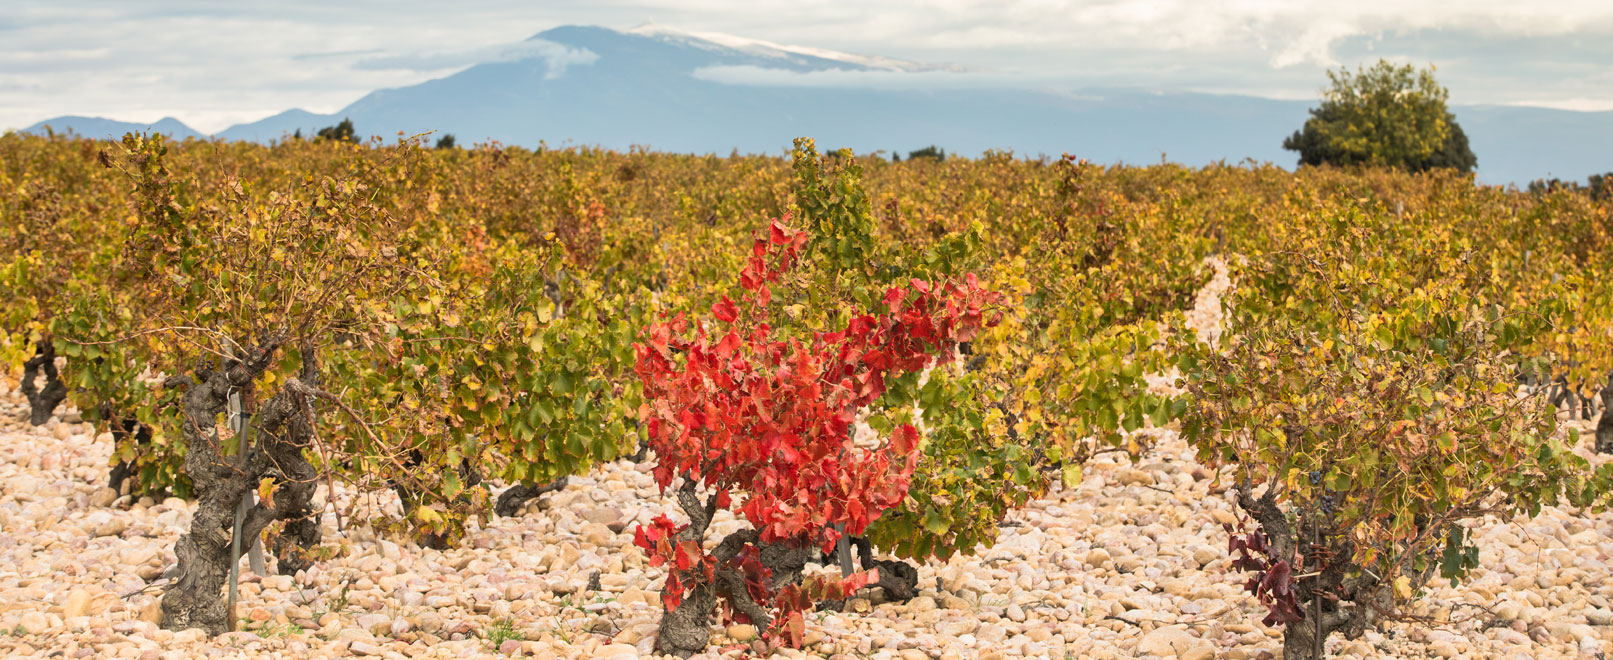 Wines of Vaucluse © Kessler